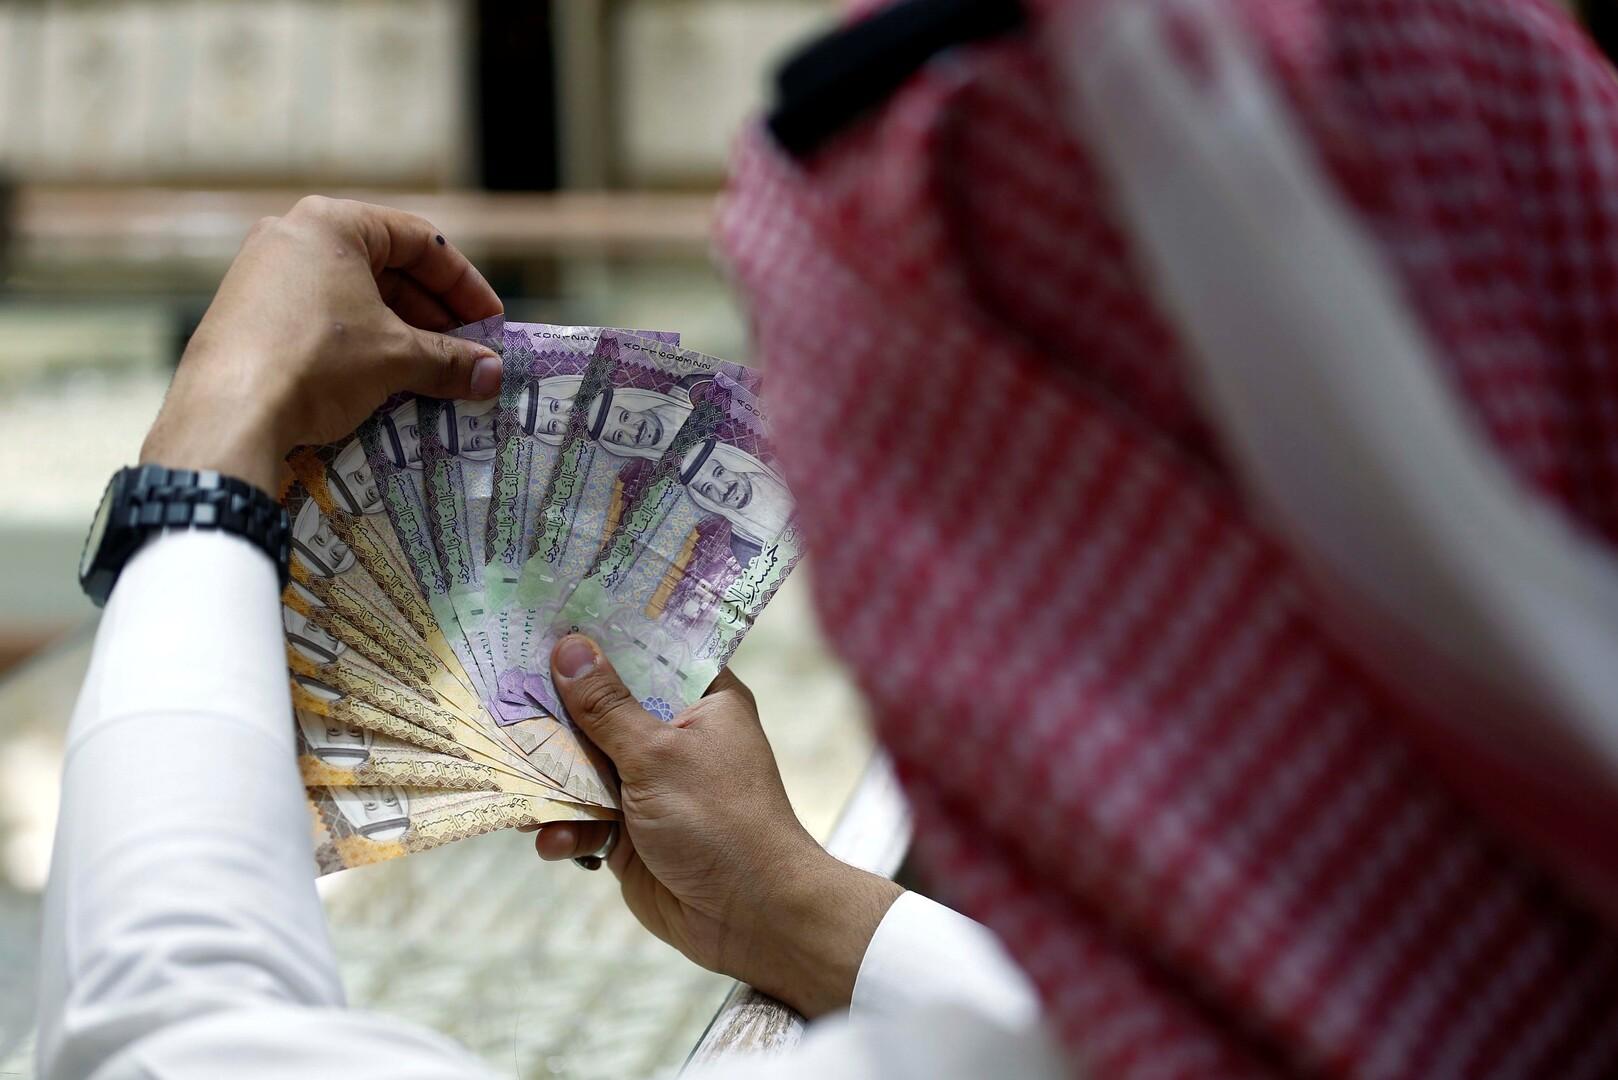 السعودية تعفي عمالة المنشآت الصناعية من المقابل المالي لـ5 سنوات